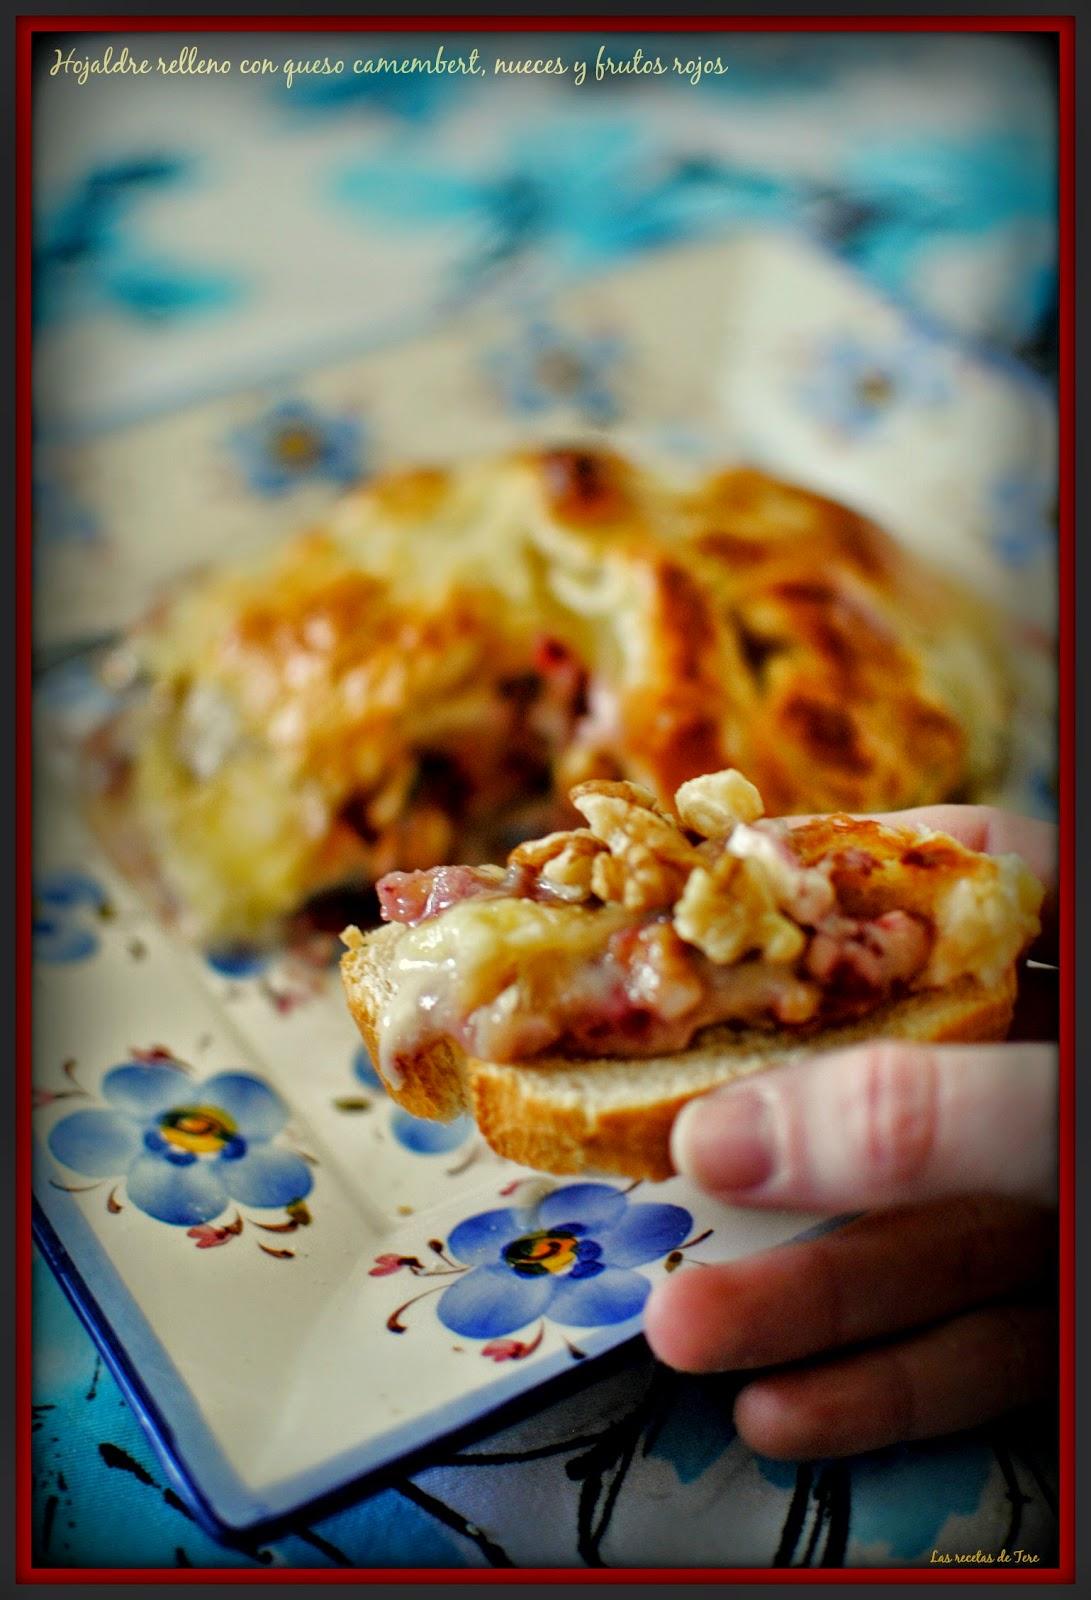 Hojaldre relleno con queso camembert  nueces y frutos rojos  tererecetas 02